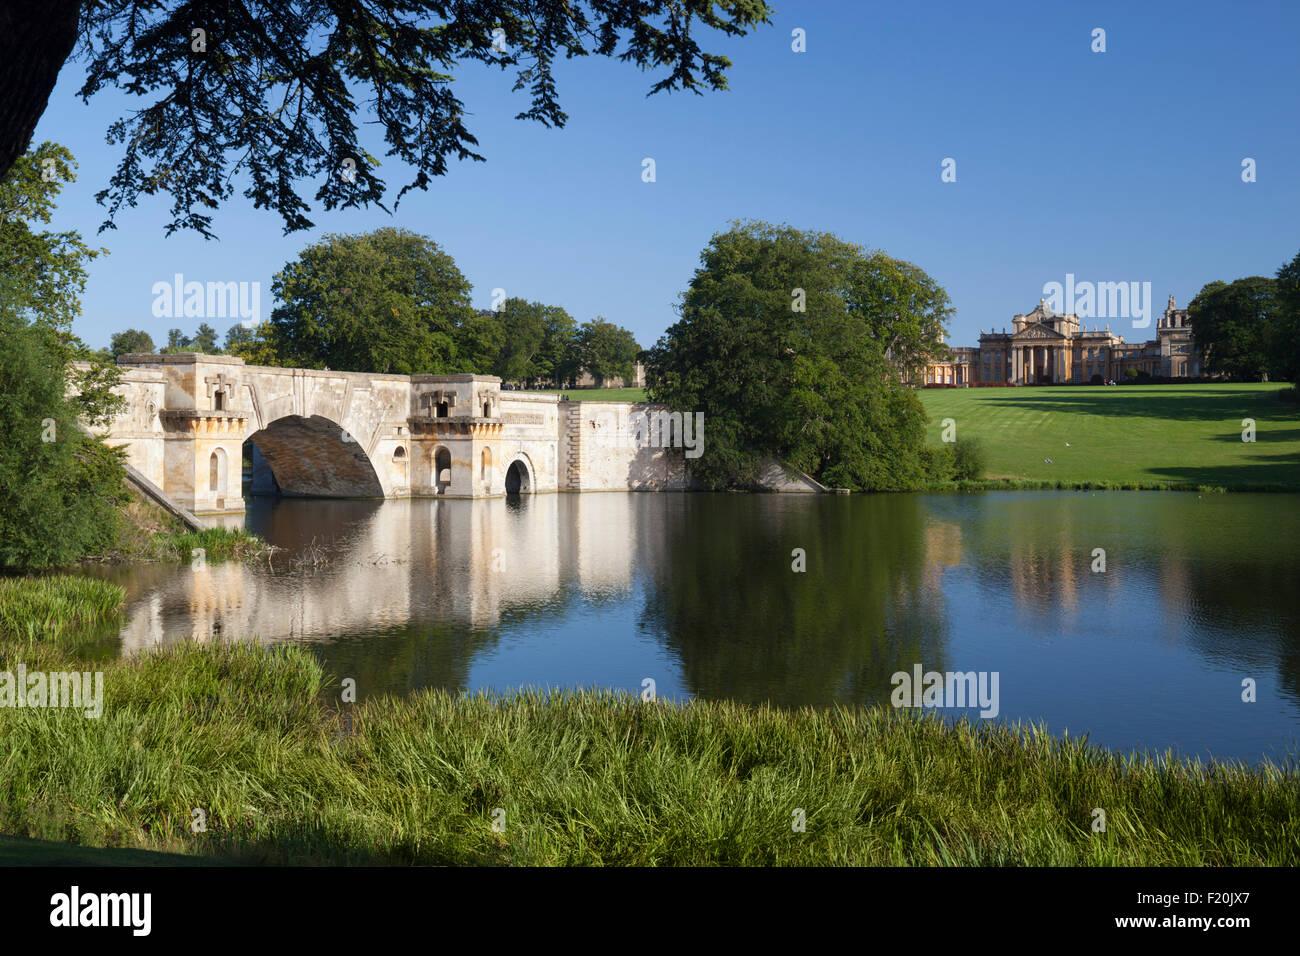 El Palacio de Blenheim y parques, Woodstock, Oxfordshire, Inglaterra, Reino Unido, Europa Imagen De Stock